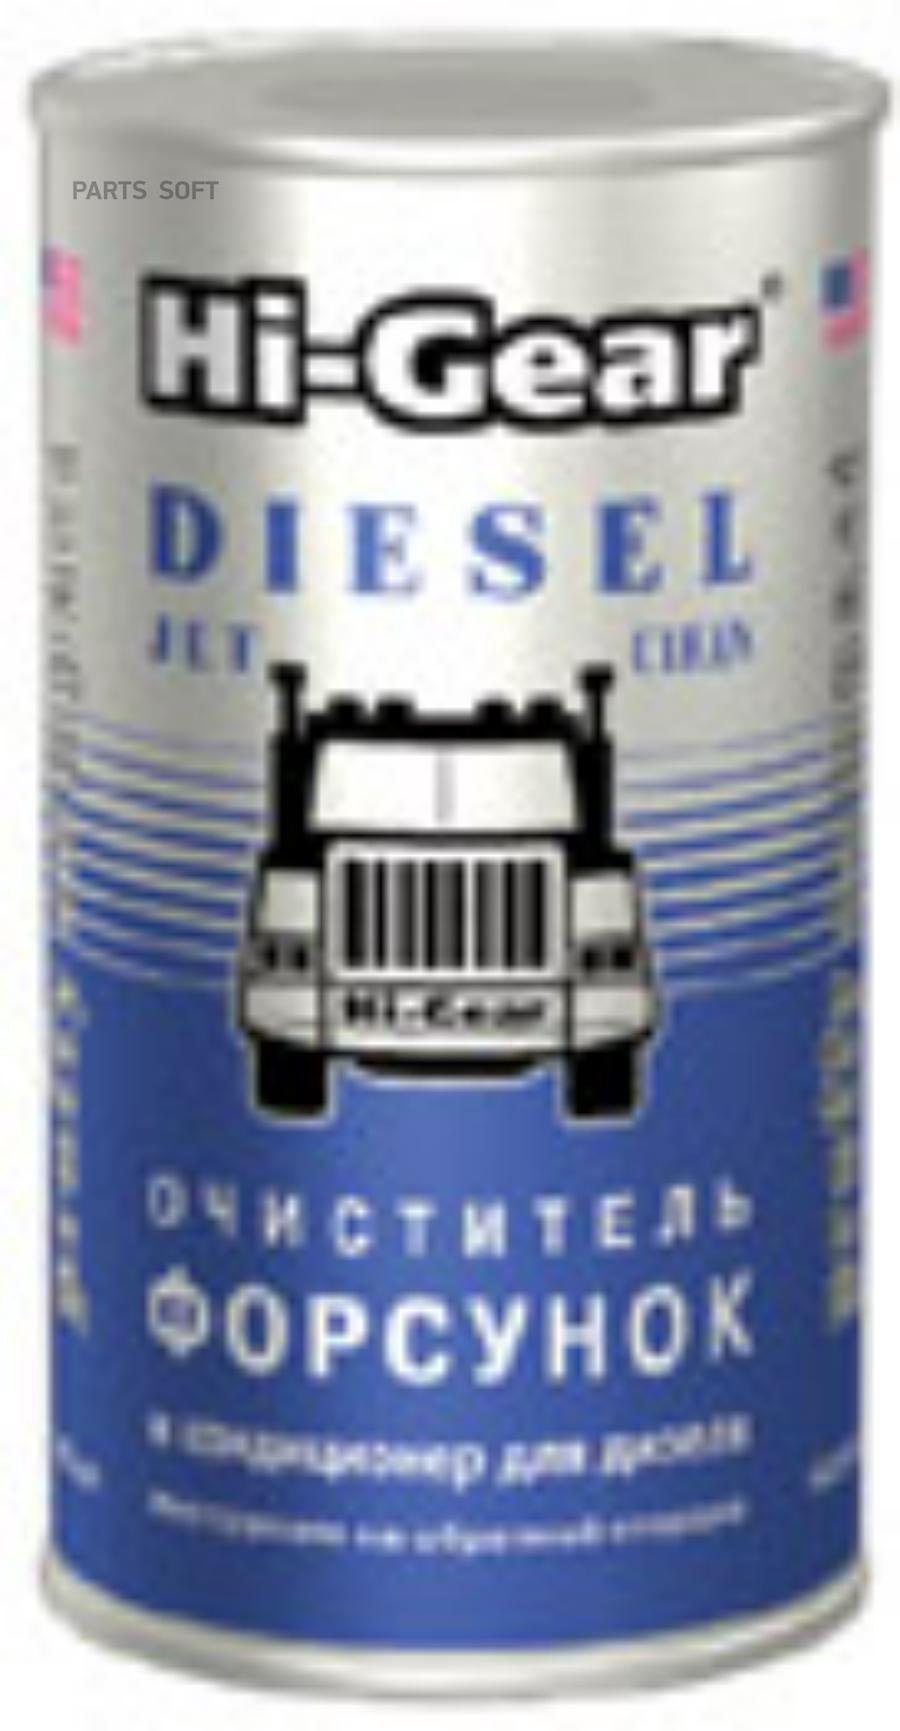 Очиститель форсунок для дизеля 295мл (12шт)